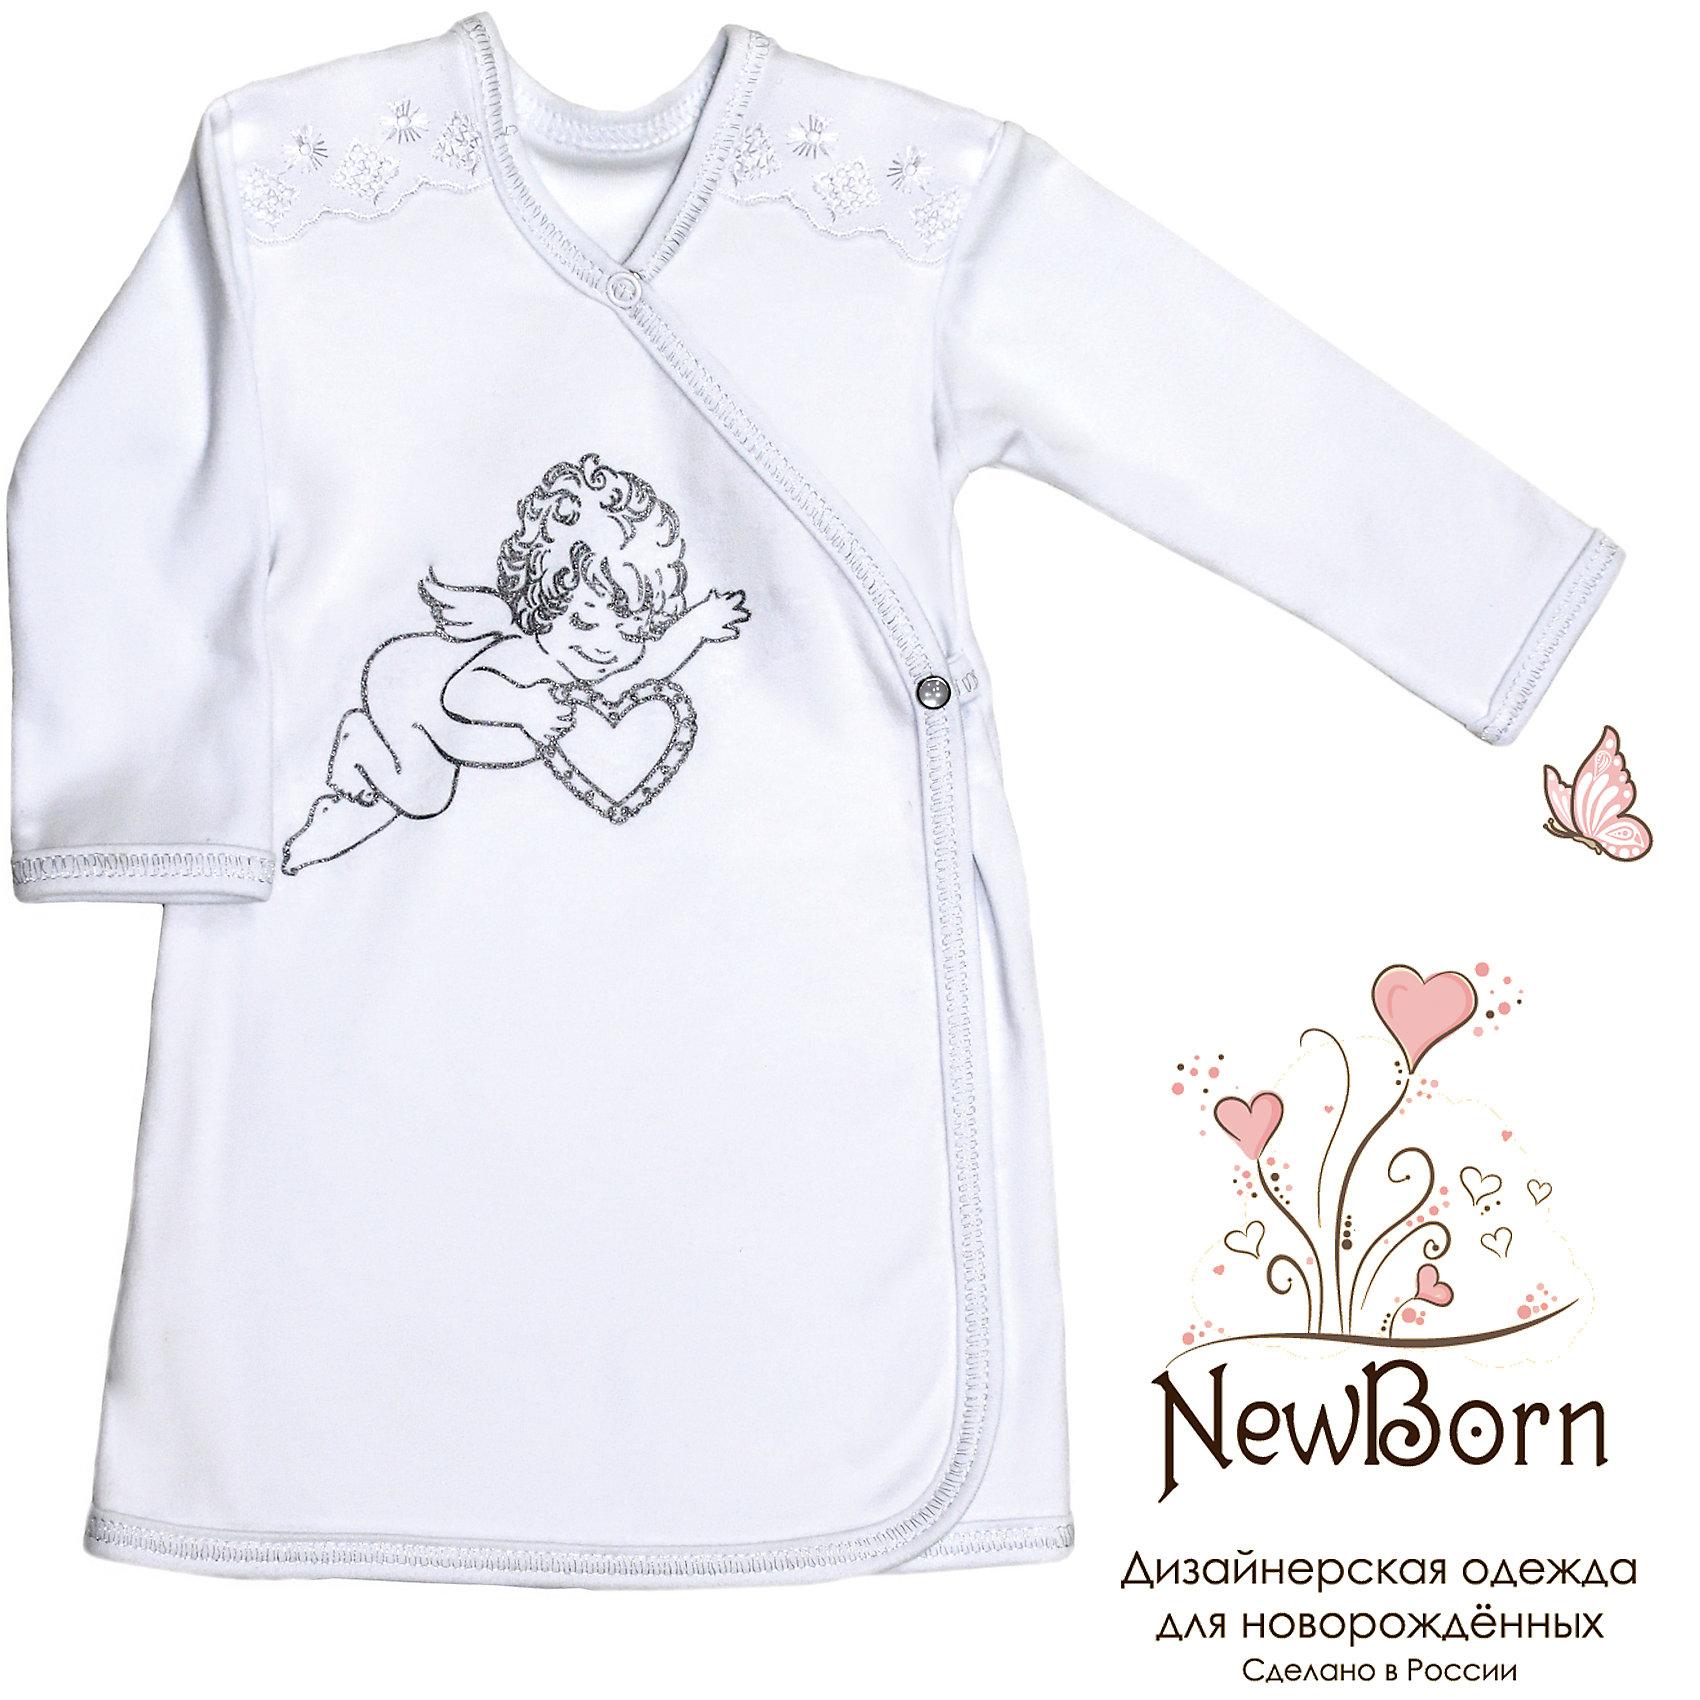 Крестильная рубашка с шитьем, р-р 74,  NewBorn, белыйПлатья<br>Характеристики:<br><br>• Вид детской одежды: рубашка с запахом<br>• Предназначение: для крещения<br>• Коллекция: NewBorn<br>• Сезон: круглый год<br>• Пол: для мальчика<br>• Тематика рисунка: ангелы<br>• Размер: 74<br>• Цвет: белый<br>• Материал: трикотаж, хлопок<br>• Длина рукава: длинные<br>• Запах: спереди<br>• Застежка: спереди на кнопке<br>• Декорирована широкой тесьмой из шитья <br>• Передняя полочка украшена термонаклейкой в виде ангела<br>• Особенности ухода: допускается деликатная стирка без использования красящих и отбеливающих средств<br><br>Крестильная рубашка с шитьем, р-р 74, NewBorn, белый из коллекции NewBorn от отечественного швейного производства ТексПром предназначена для создания праздничного образа мальчика во время торжественного обряда крещения. Коллекция NewBorn сочетает в себе классические и современные тенденции в мире моды для новорожденных, при этом сохраняются самые лучшие традиции при технологии изготовления детской одежды: свободный крой, внешние швы и натуральные ткани.  Рубашка с длинными рукавами выполнена из трикотажа, все края которой обработаны трикотажной бейкой. Изделие имеет передний запах с застежкой на кнопке, что обеспечивает его легкое одевание. Праздничный образ создается за счет отделки из широкого шитья на плечиках и термонаклейки на передней полочке в виде ангела. <br><br>Крестильную рубашку с шитьем, р-р 74, NewBorn, белый можно купить в нашем интернет-магазине.<br><br>Ширина мм: 220<br>Глубина мм: 5<br>Высота мм: 400<br>Вес г: 200<br>Возраст от месяцев: 6<br>Возраст до месяцев: 9<br>Пол: Мужской<br>Возраст: Детский<br>SKU: 4912526